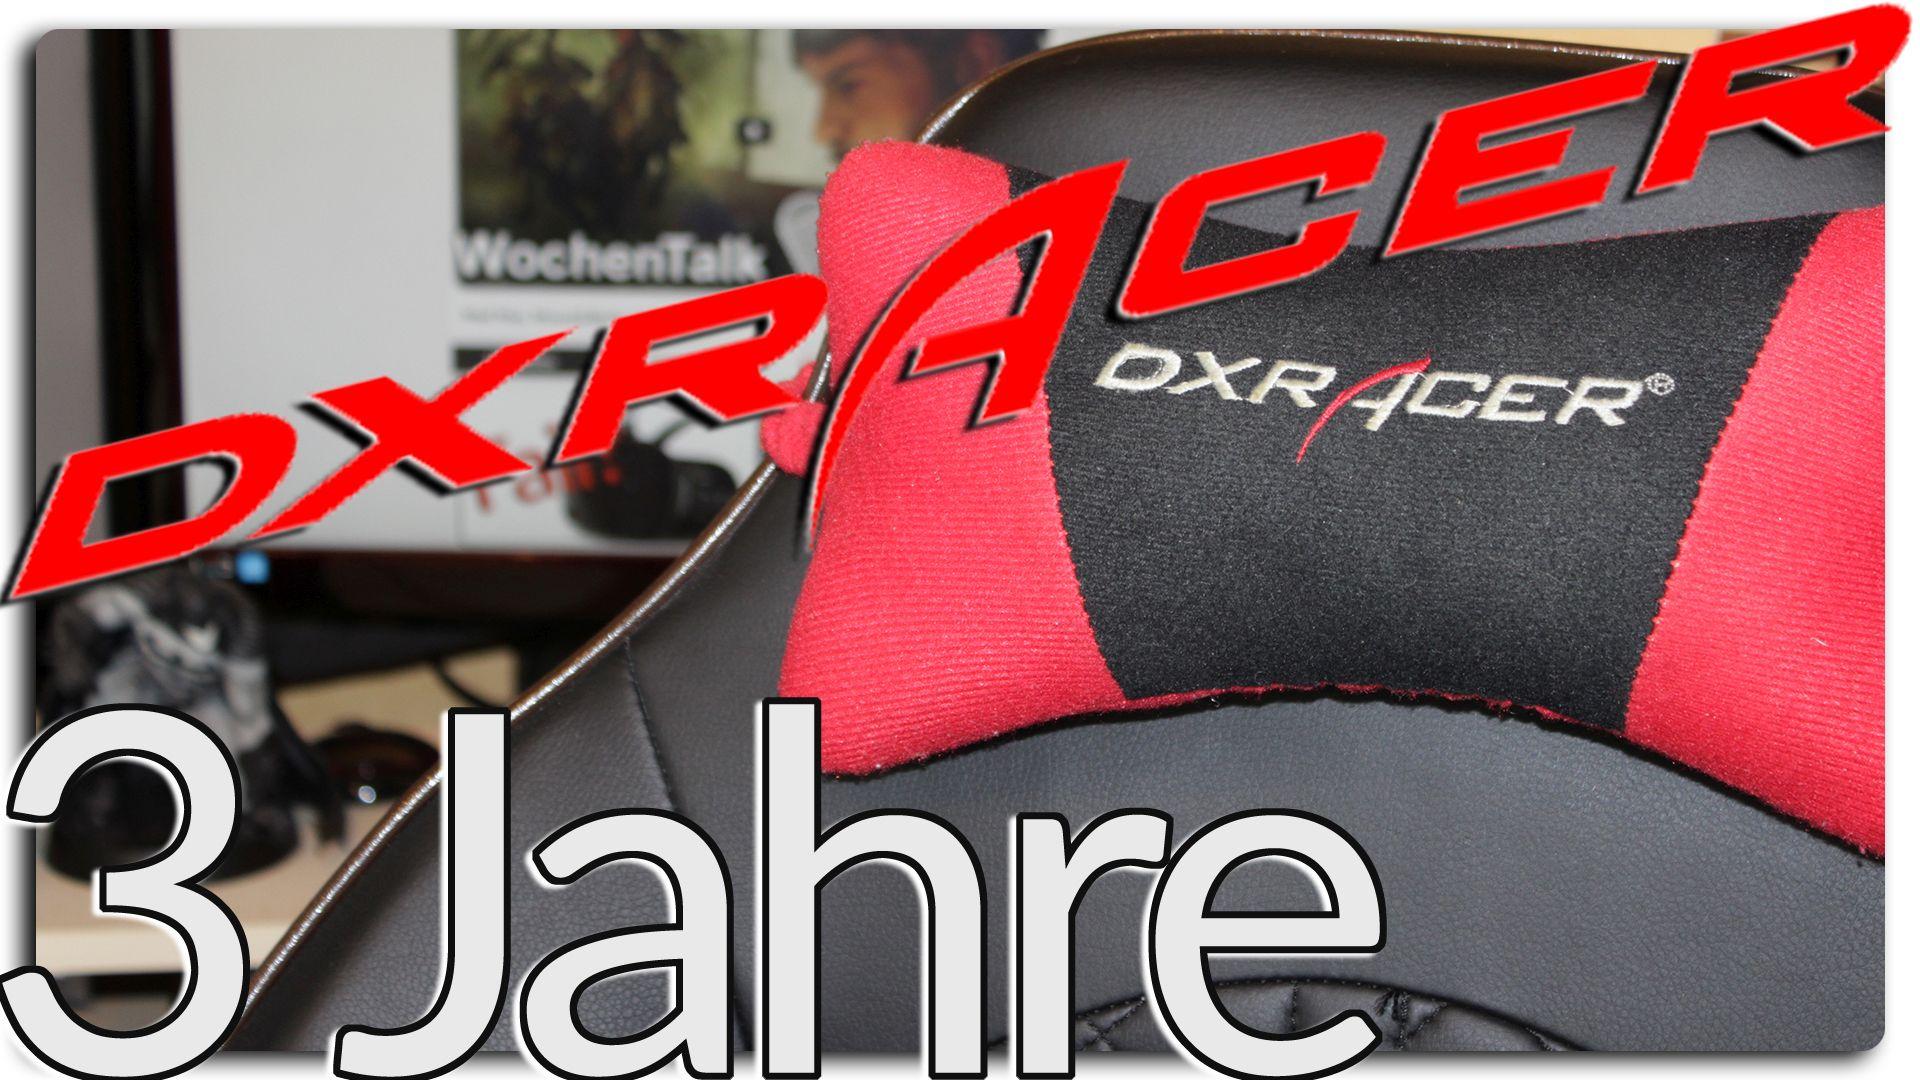 dxracer 3 jahre dannach